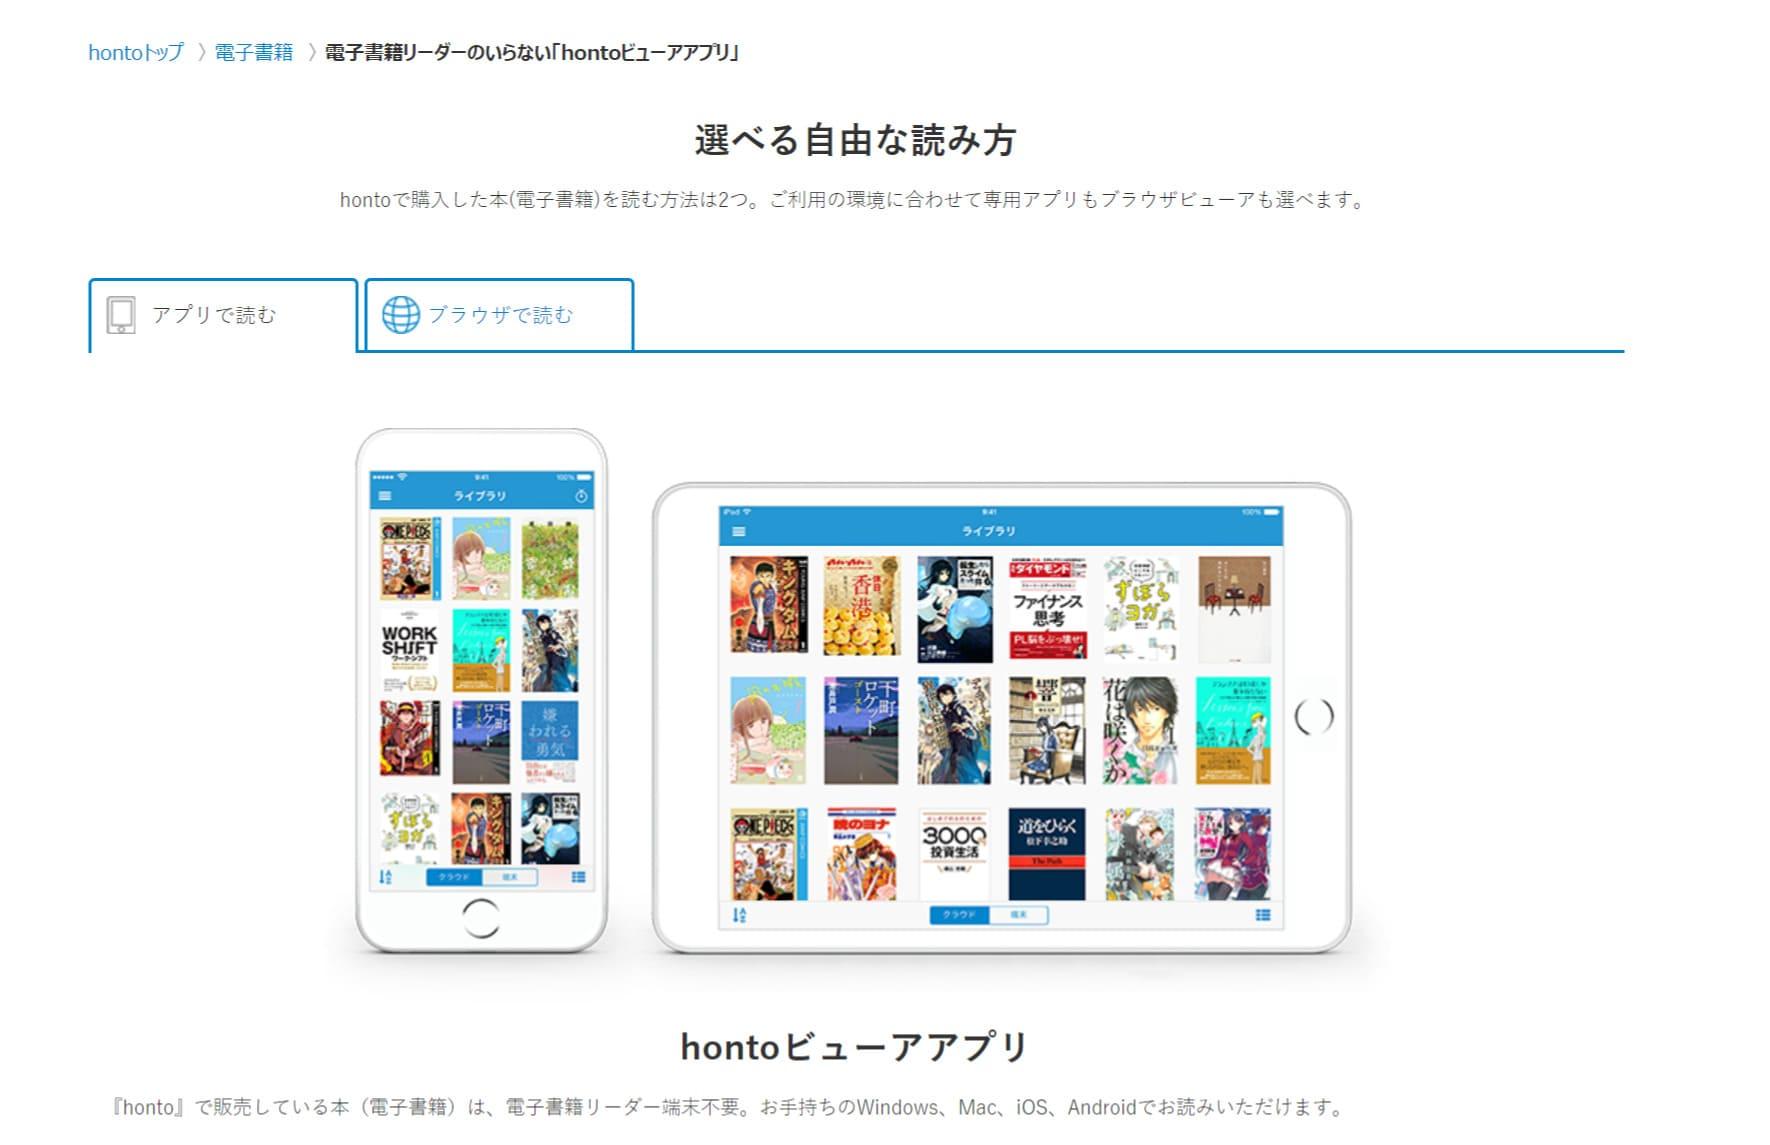 hontoのビューアアプリ情報